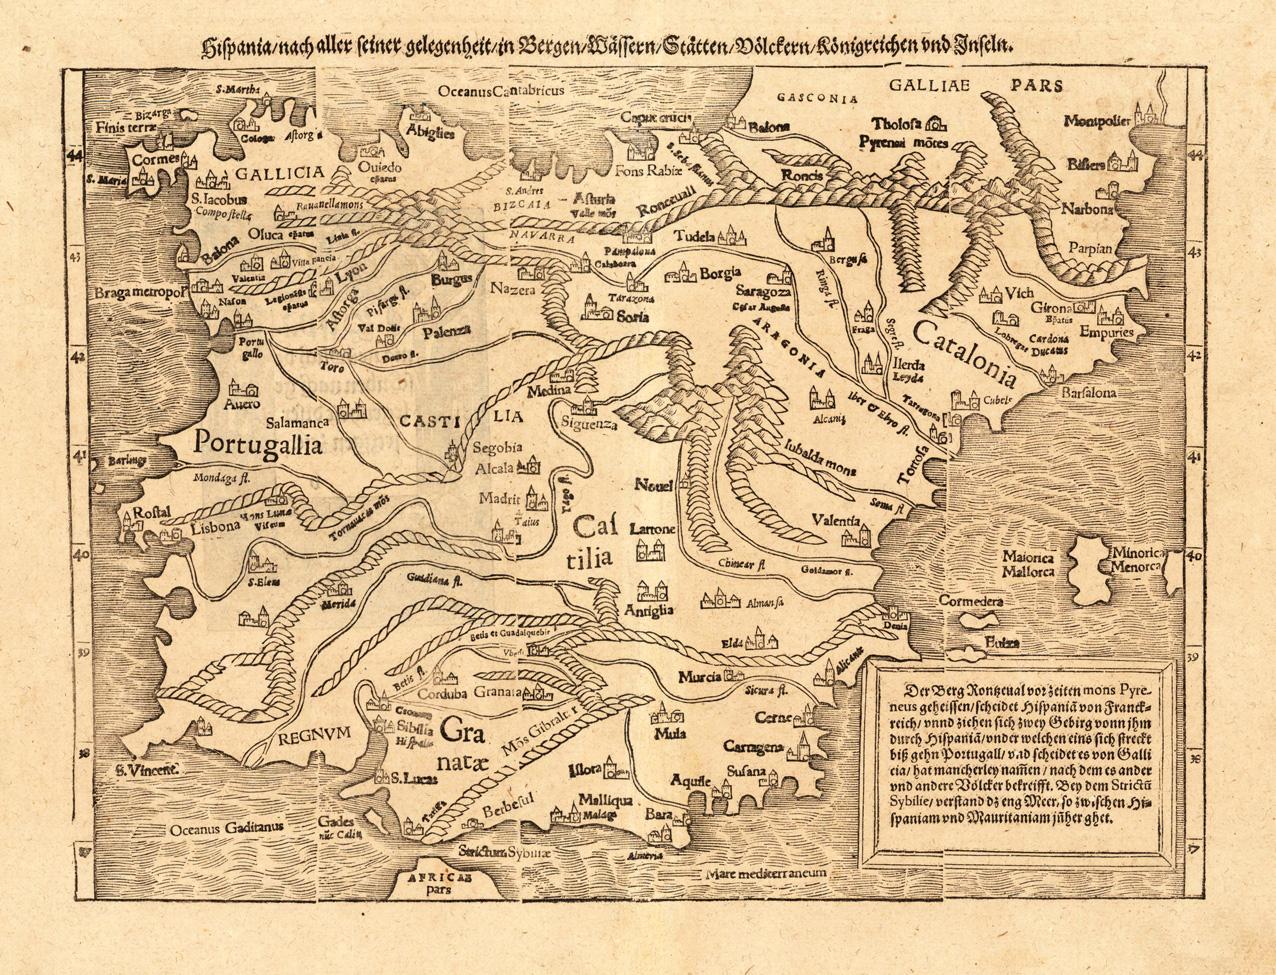 Mapa físico de Espanña, Sebastian Münster